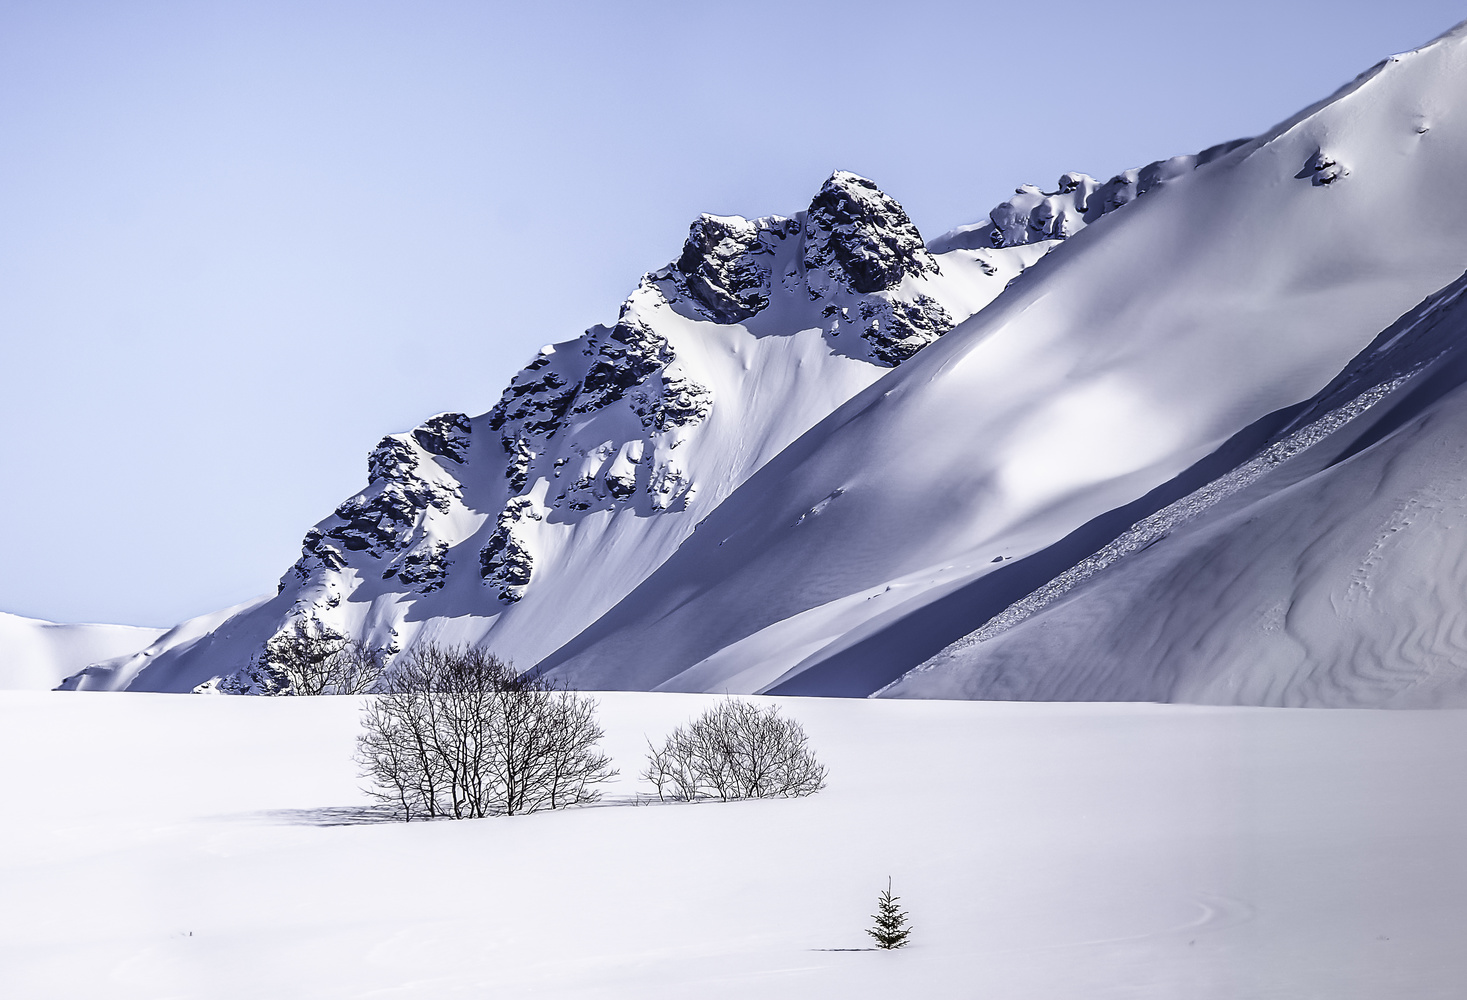 Hatcher Pass, Alaska by Heather Langlois